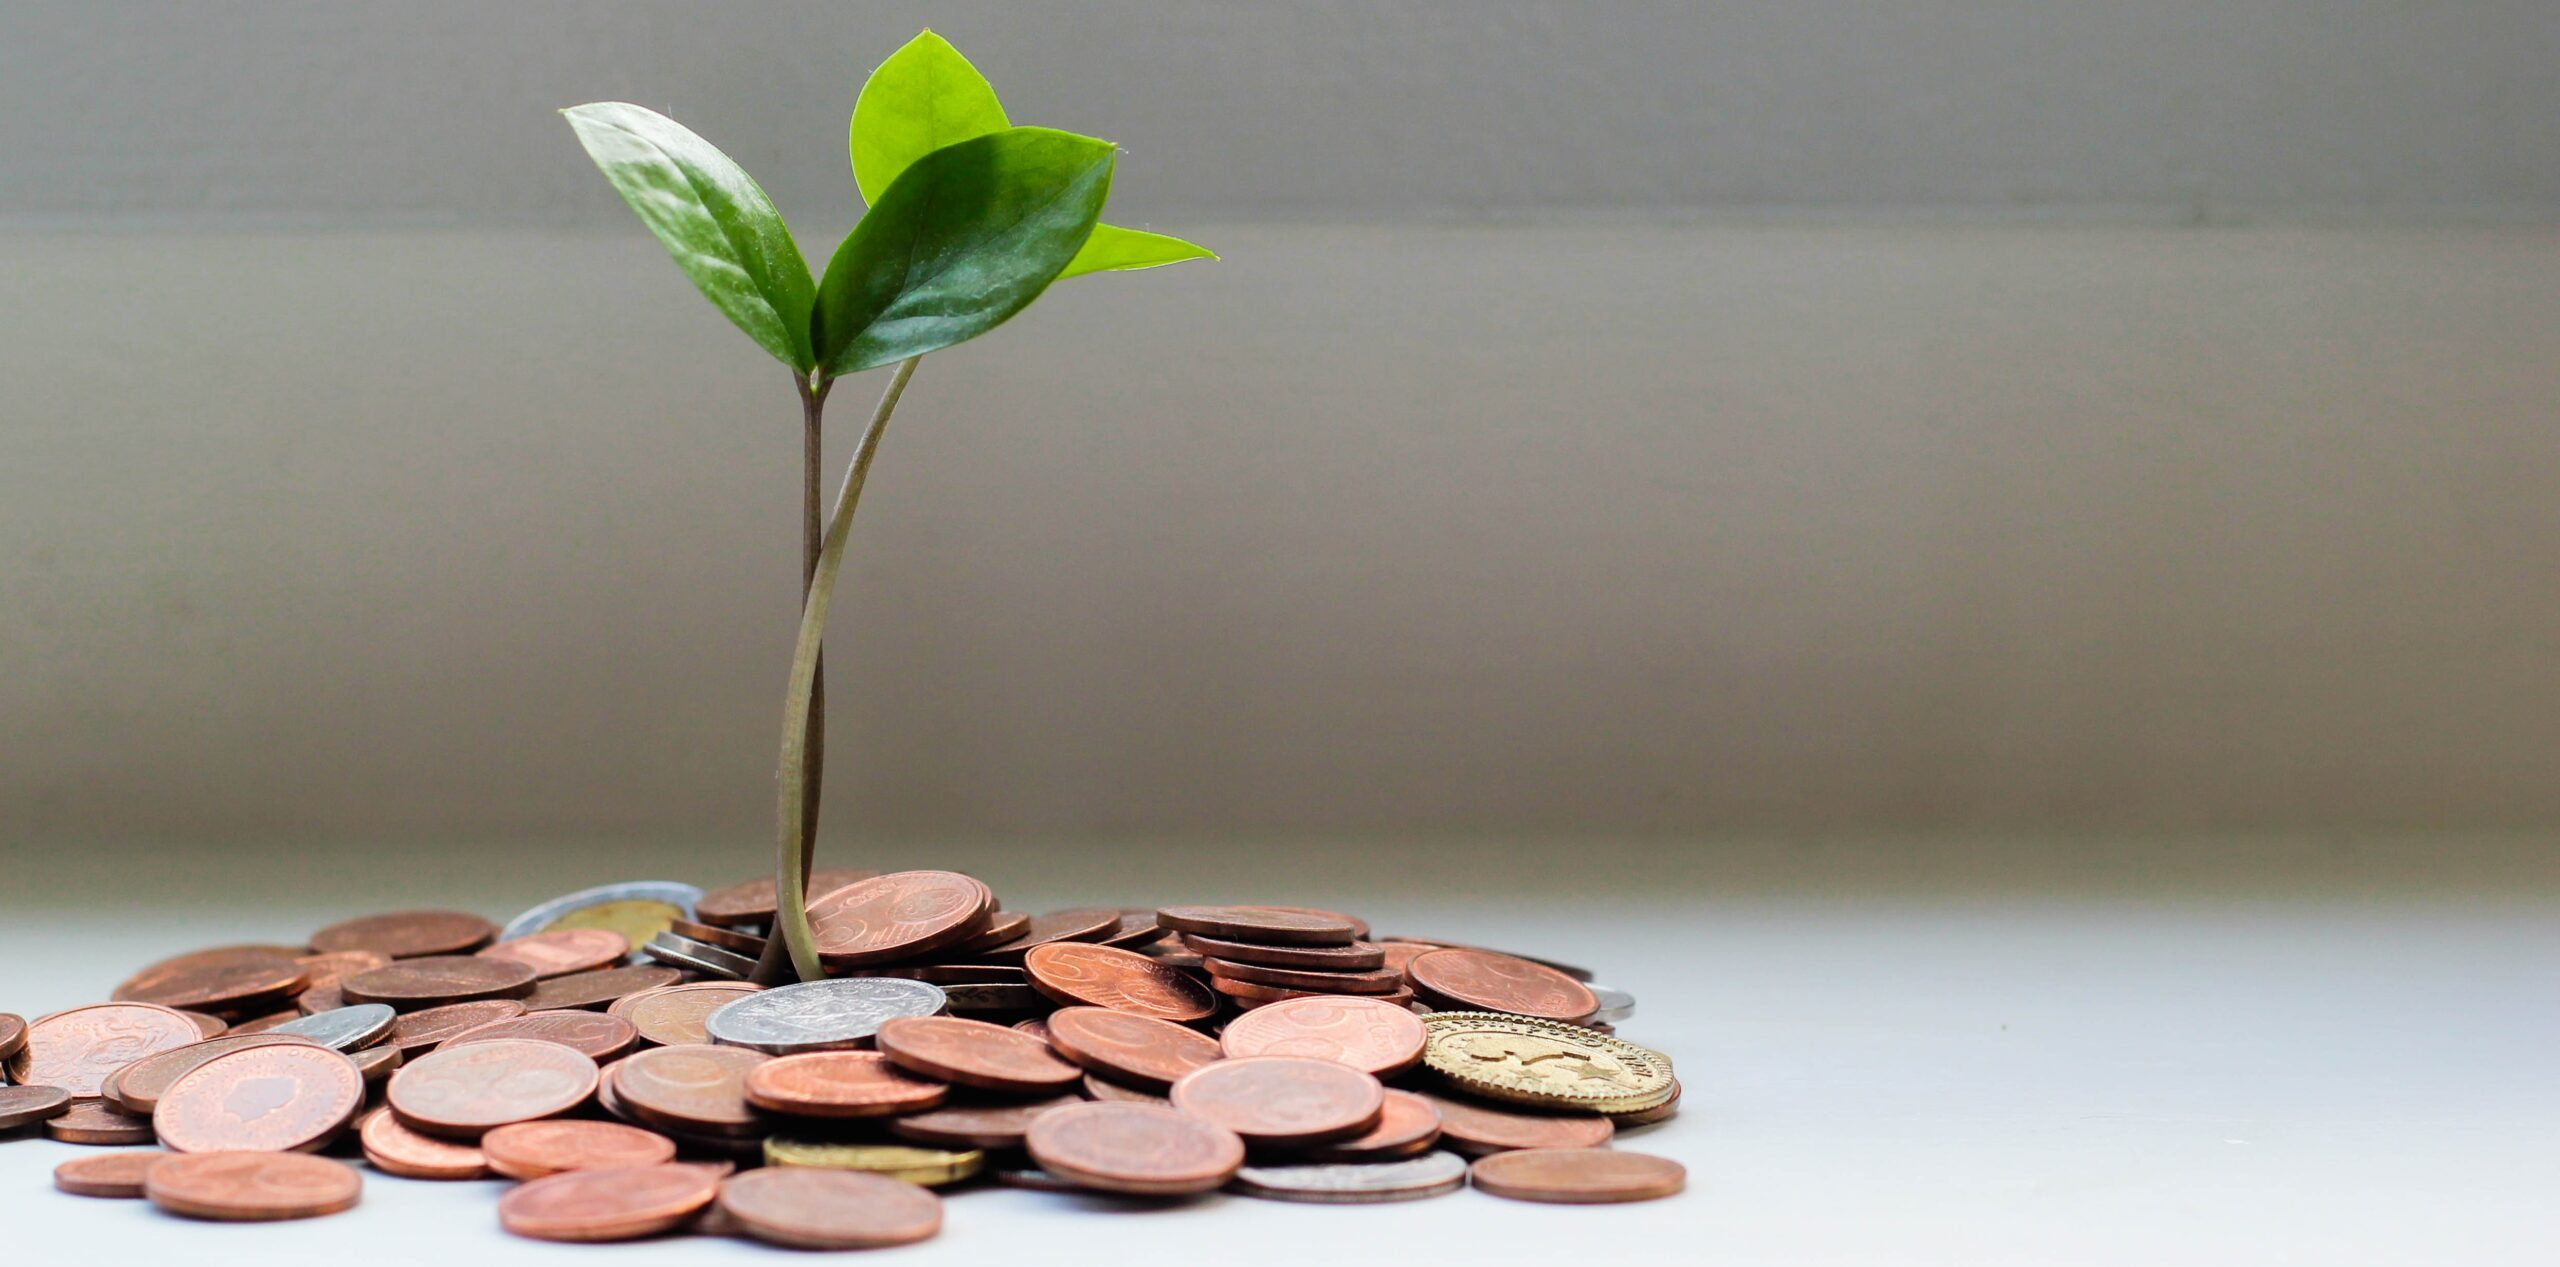 De invloed van geld op onze emoties en gedrag